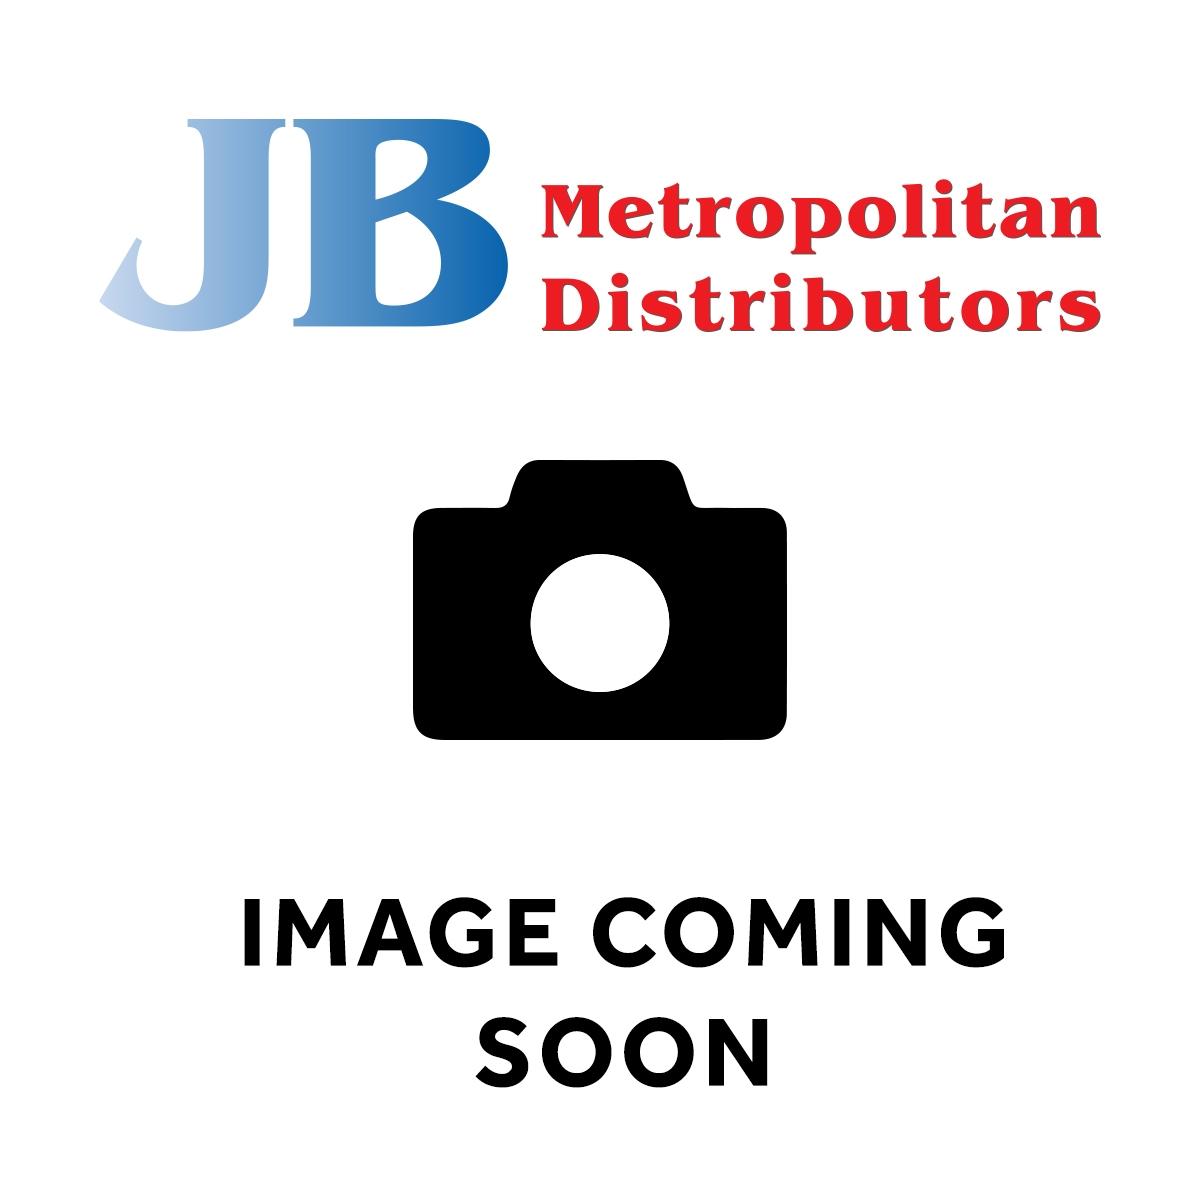 250G DARRELL LEA PEPPERMINT NOUGAT DARK CHOC GIFTING